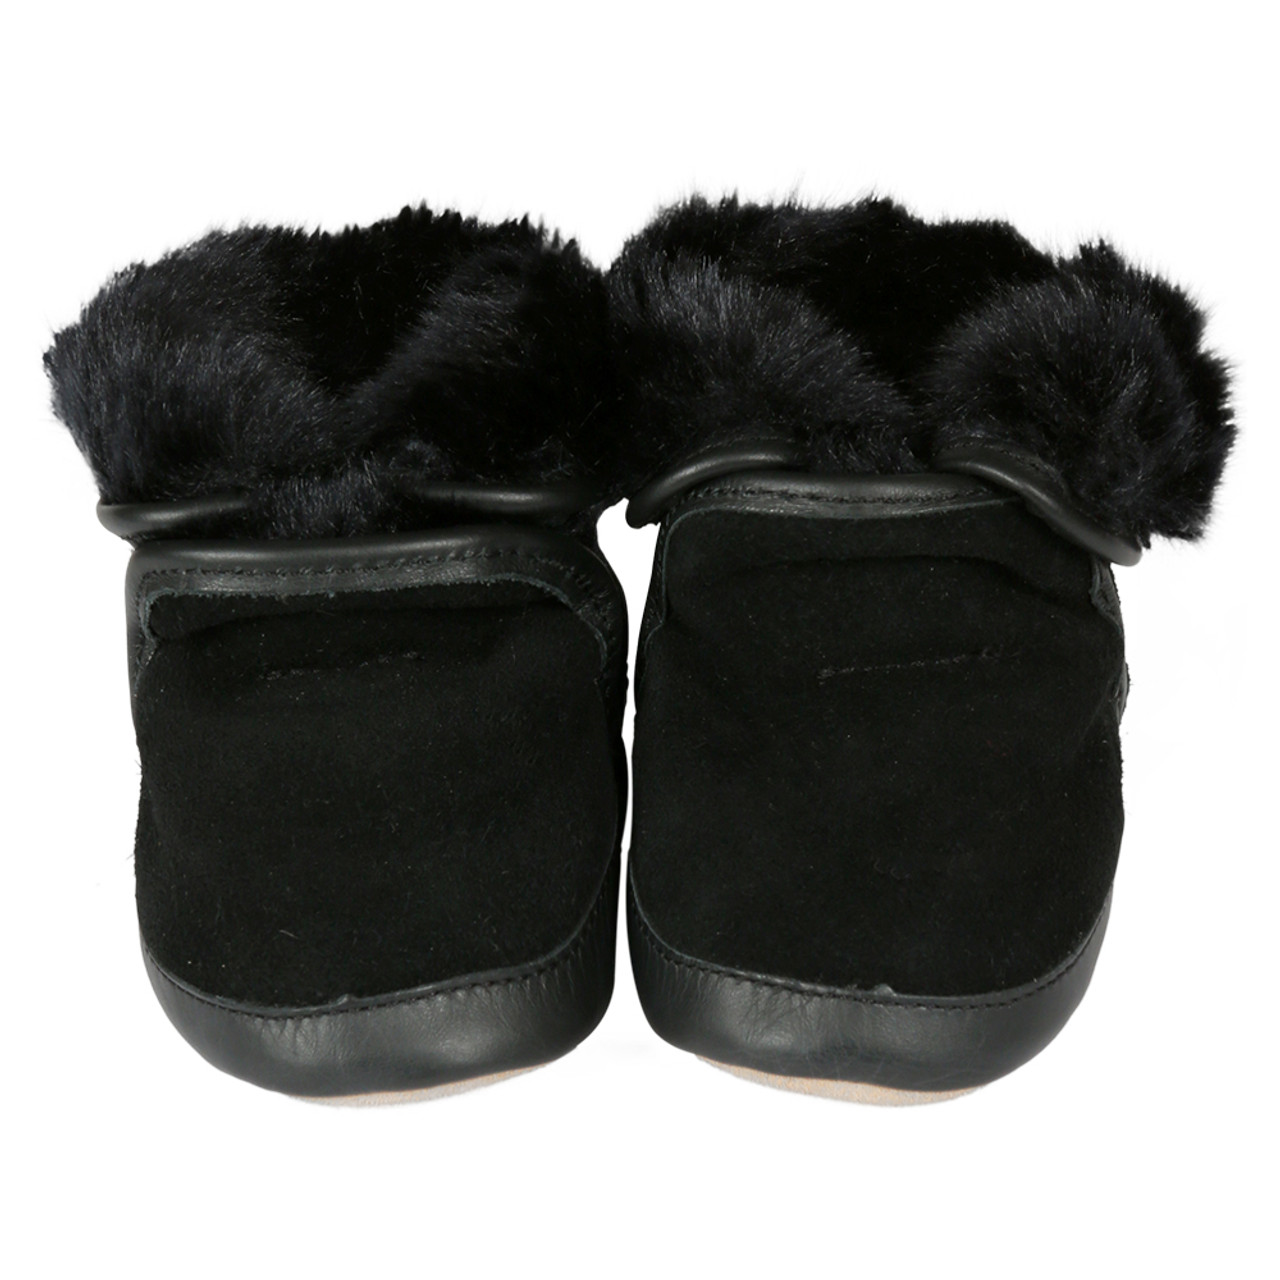 5331a59cdfc7c Robeez Cozy Ankle Boots Black Soft Soles